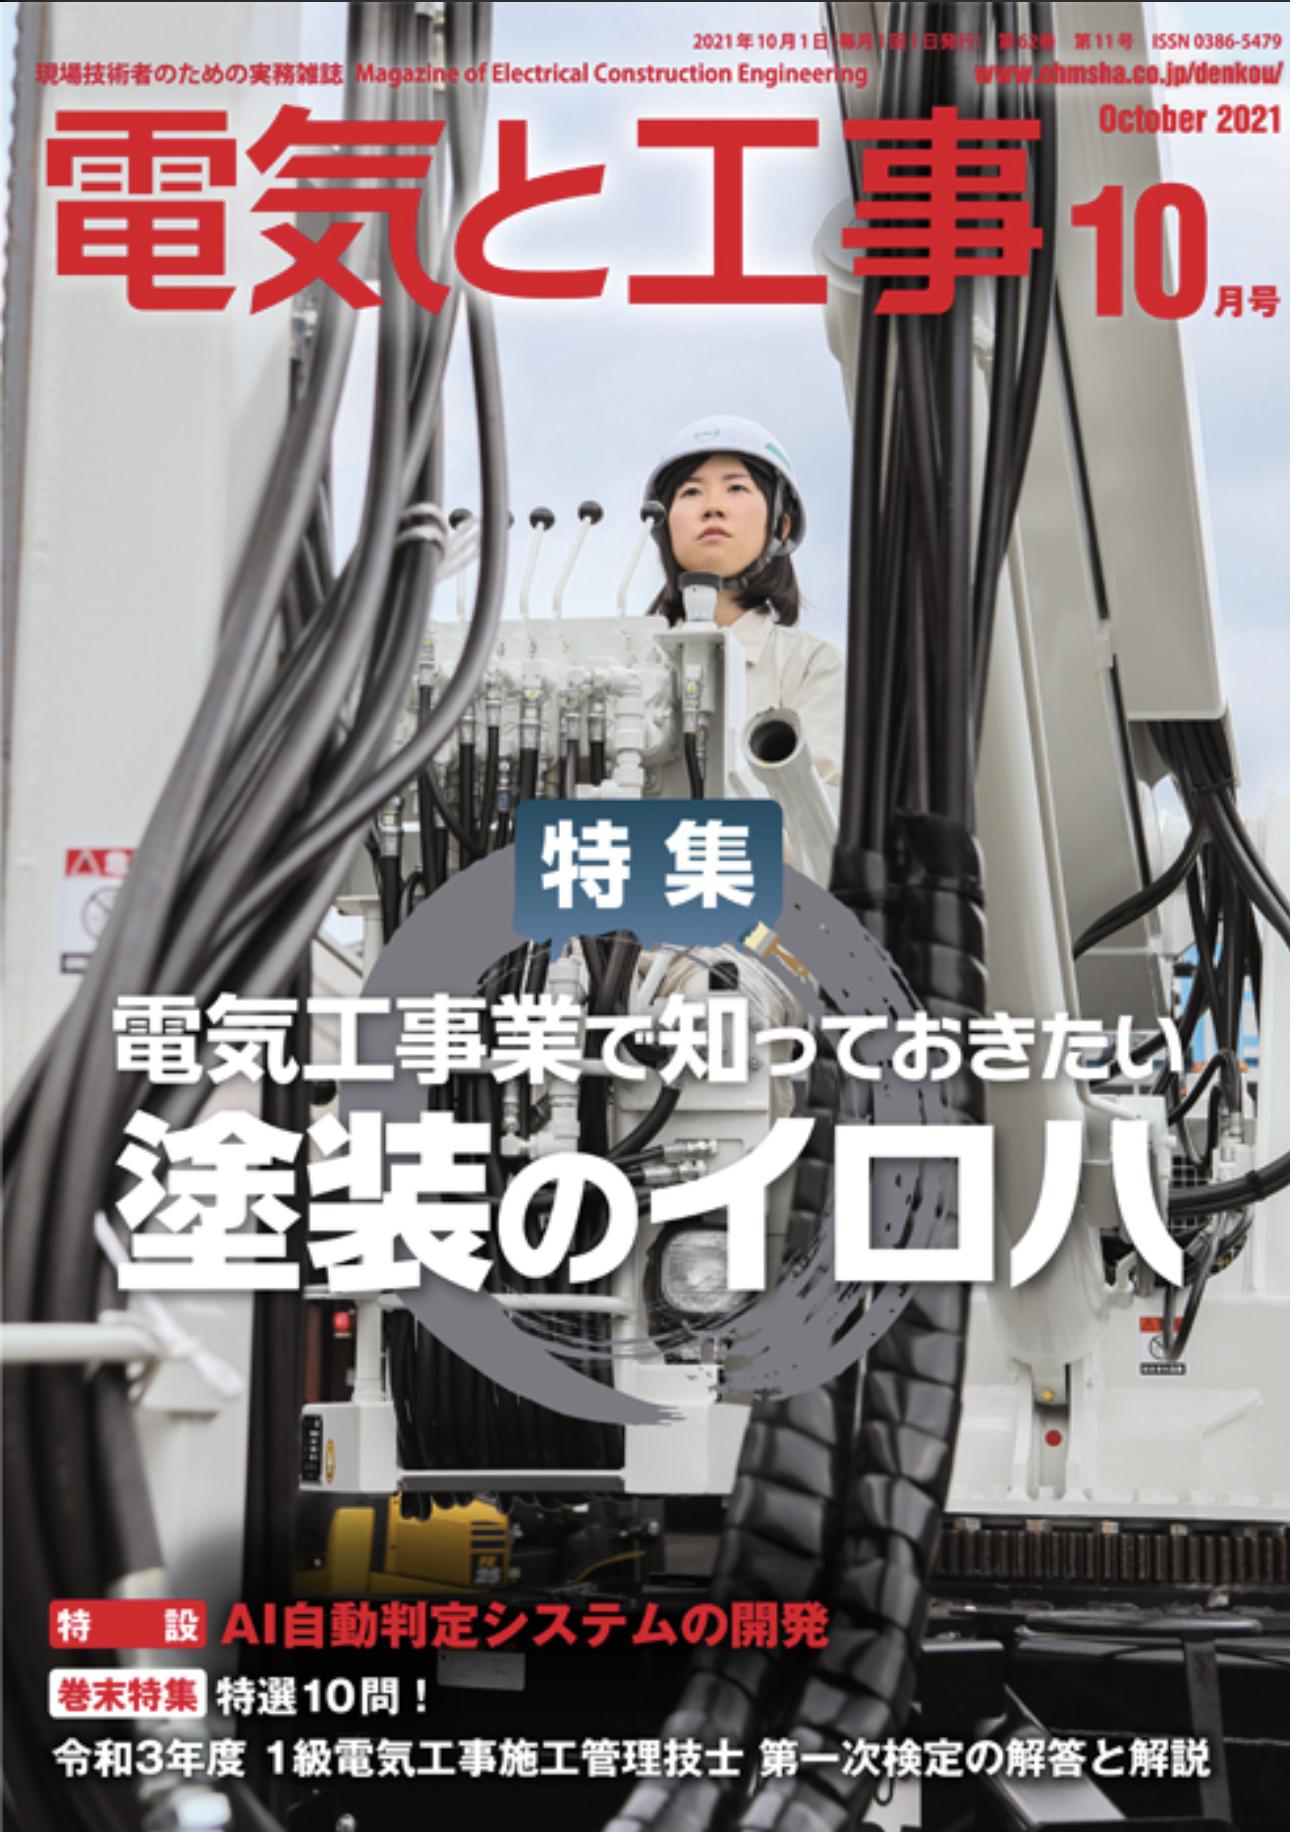 【新刊トピックス 2021年9月】電気と工事 2021年10月号 (第62巻第11号通巻818号)の画像